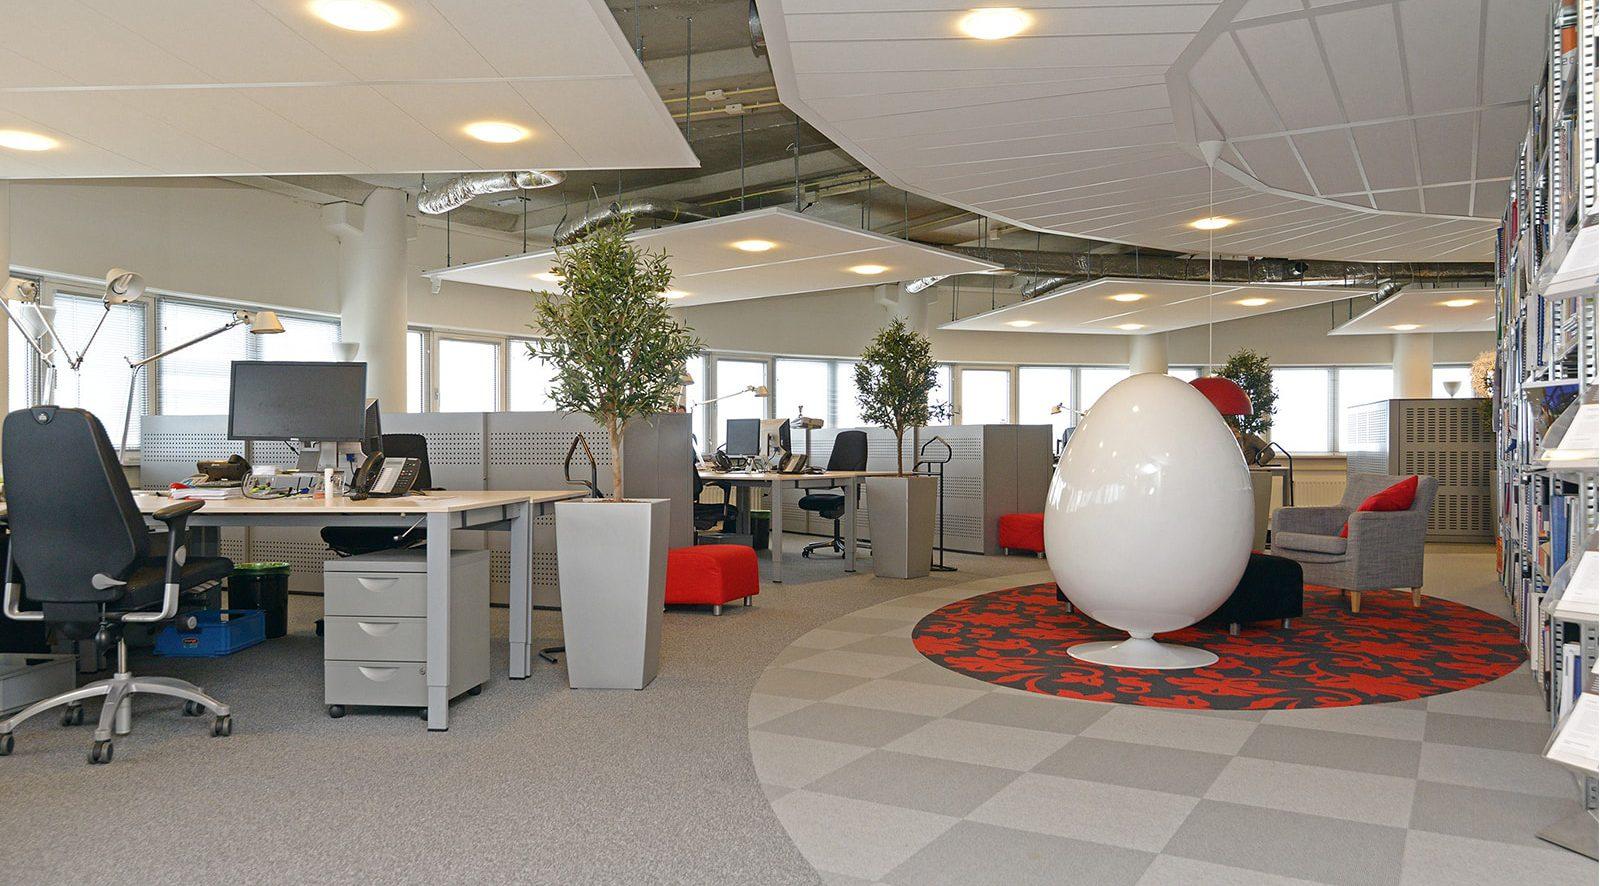 Kantoorruimte huren | Crown Business Center - Office & Meetings